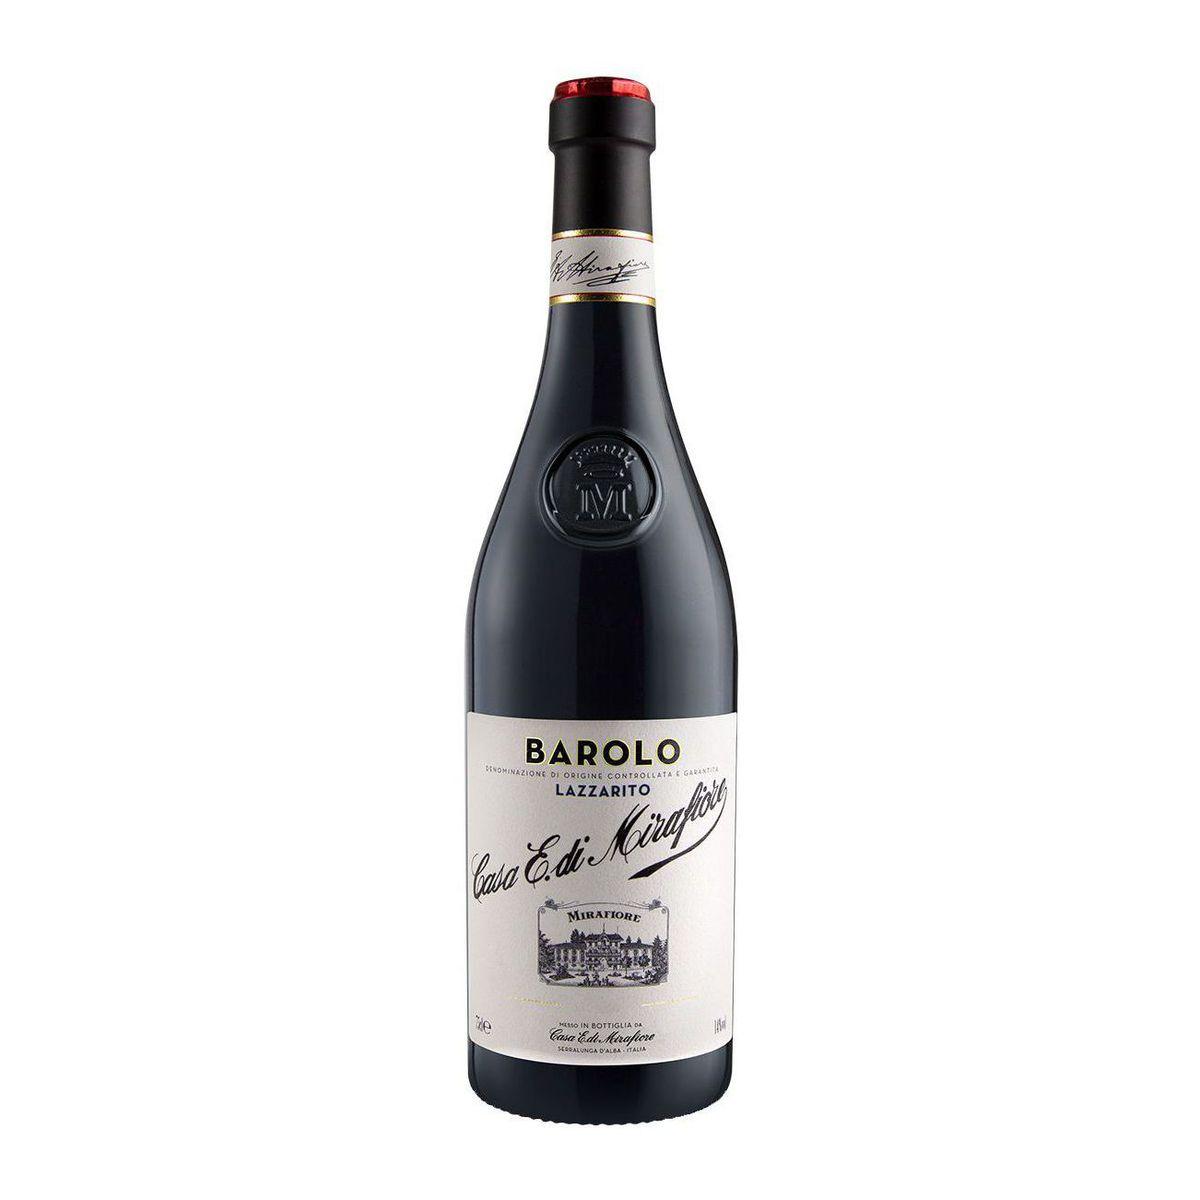 Barolo Lazzarito 2015 Mirafiore